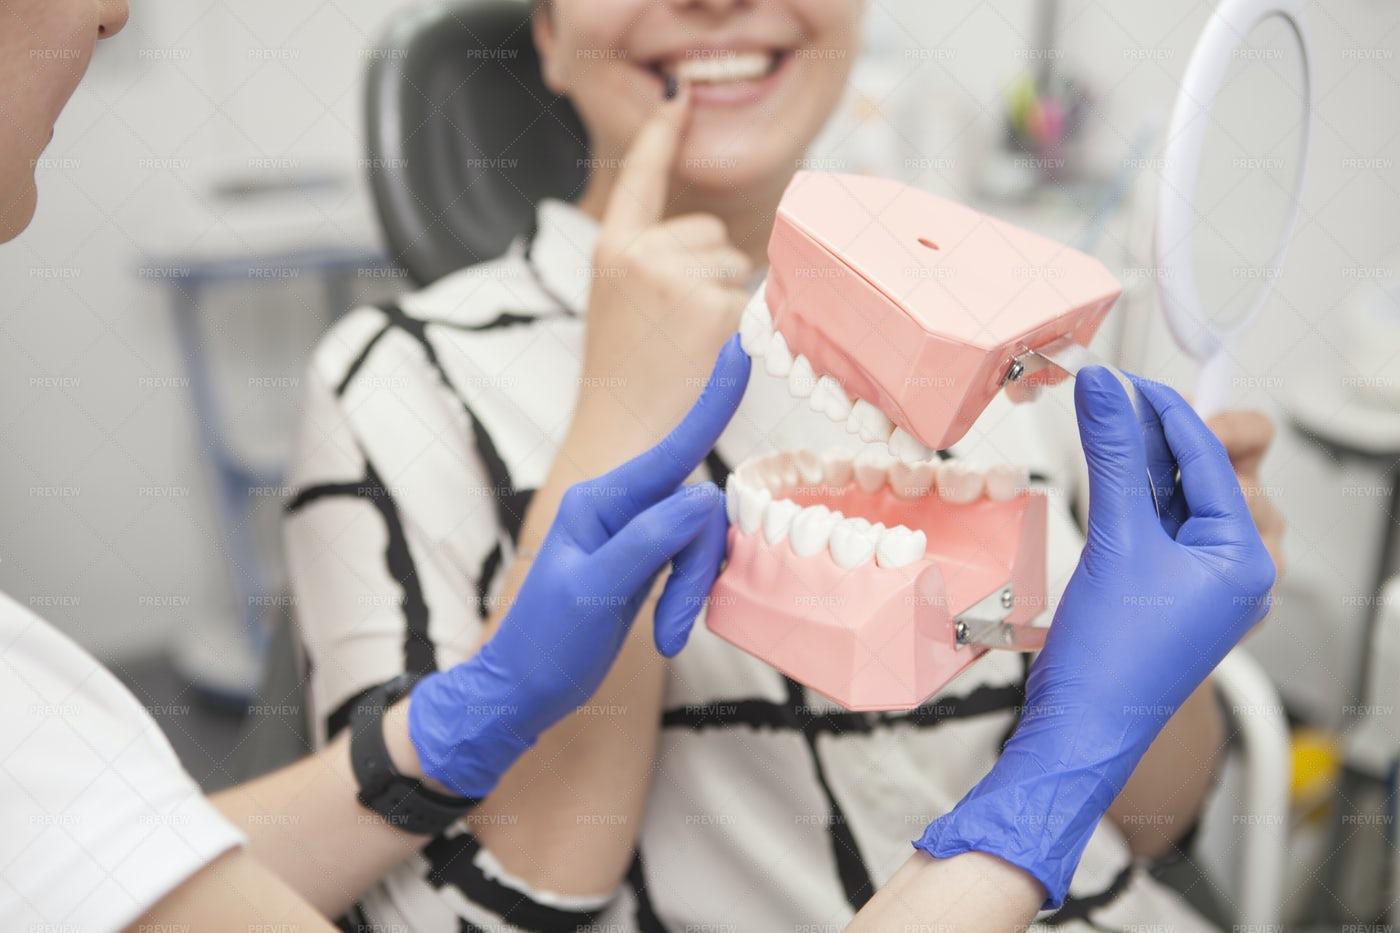 Dental Checkup: Stock Photos